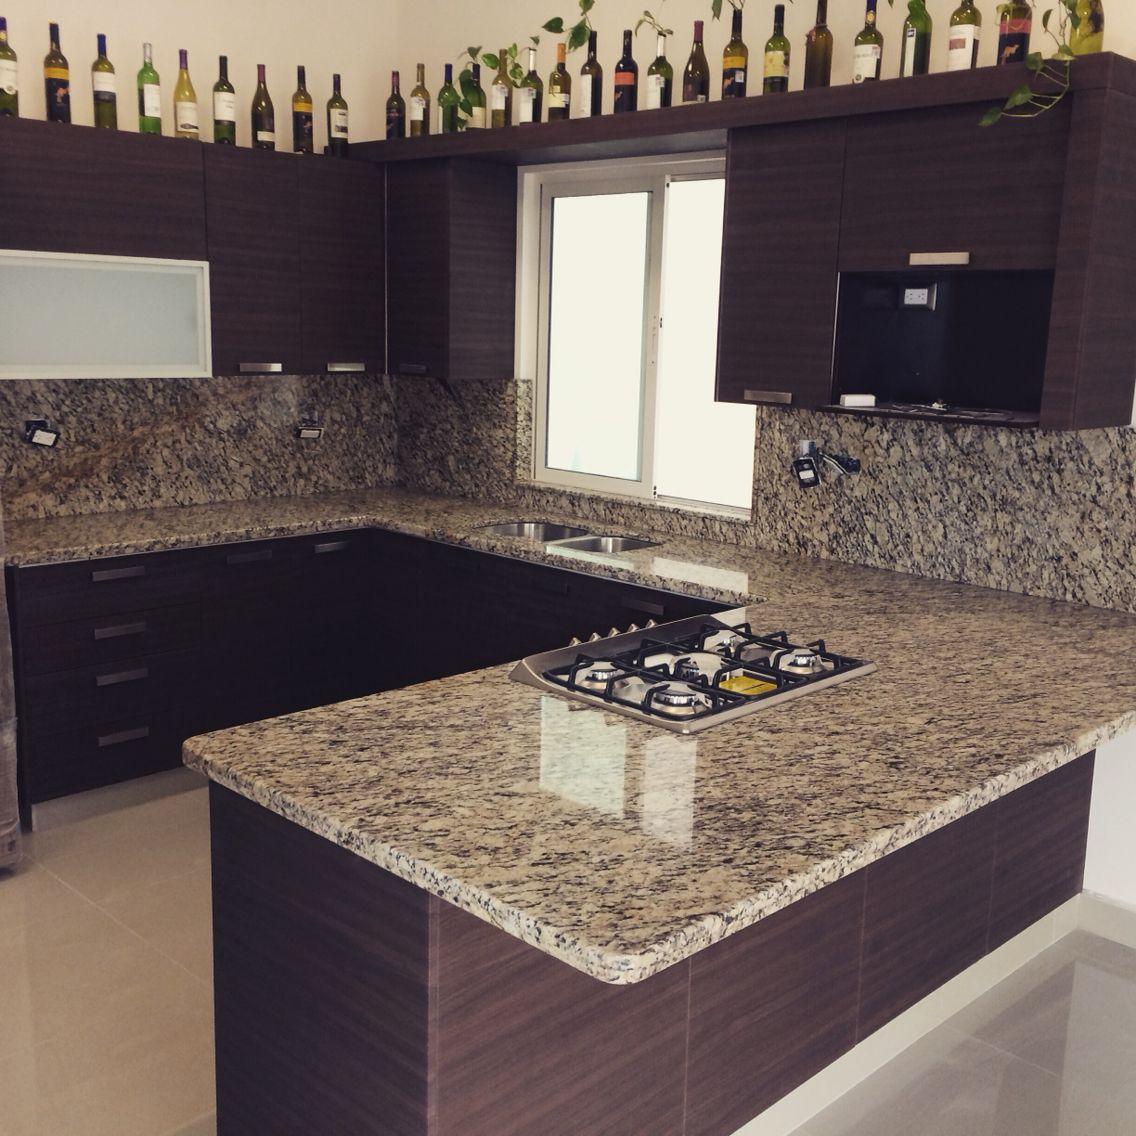 Cocina granito | Cocina | Pinterest | Granito, Cocinas y Estilos de ...